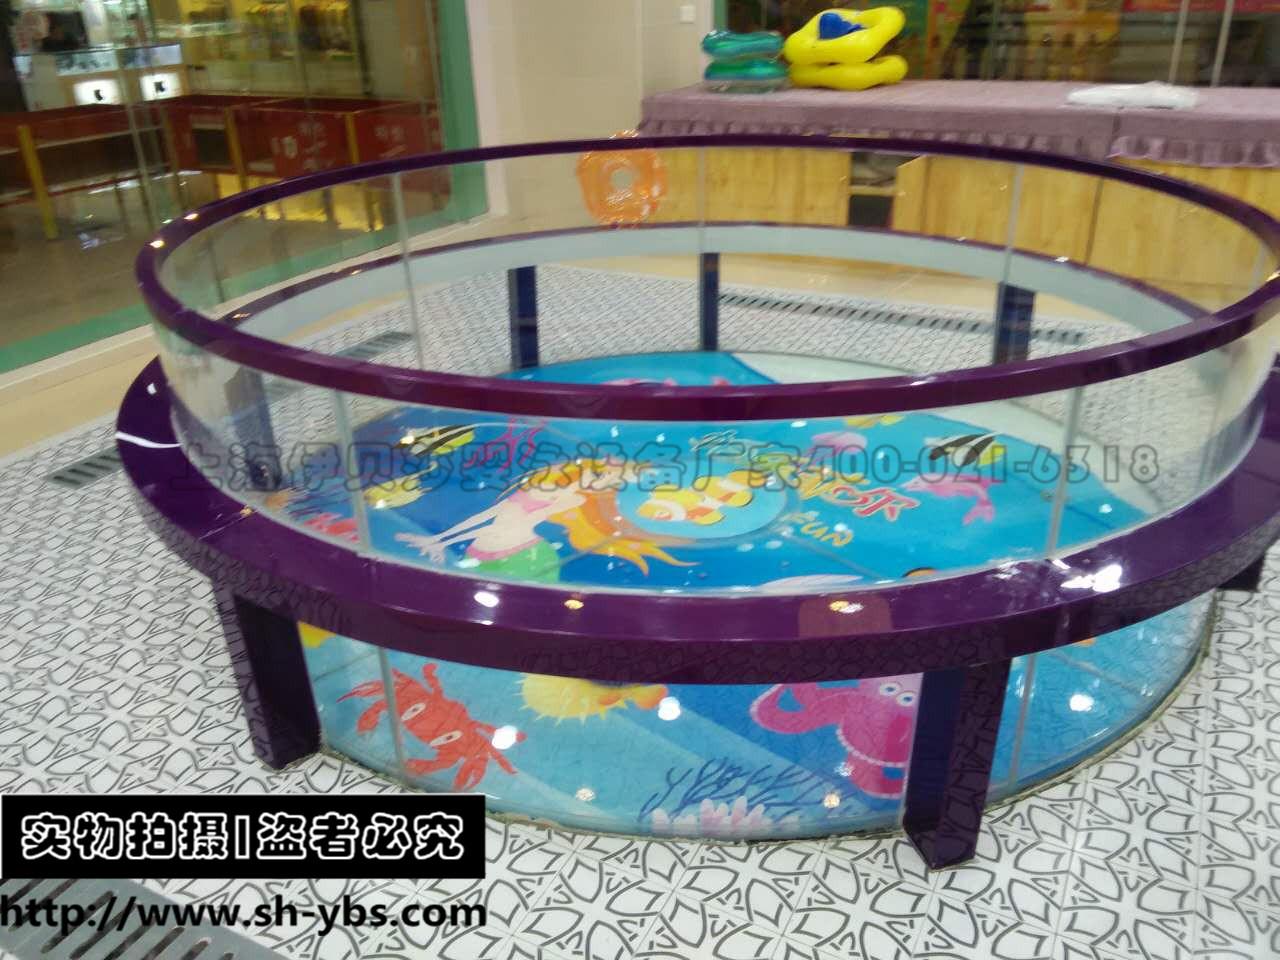 (定制)新款包边圆形玻璃游泳池(多包边色)